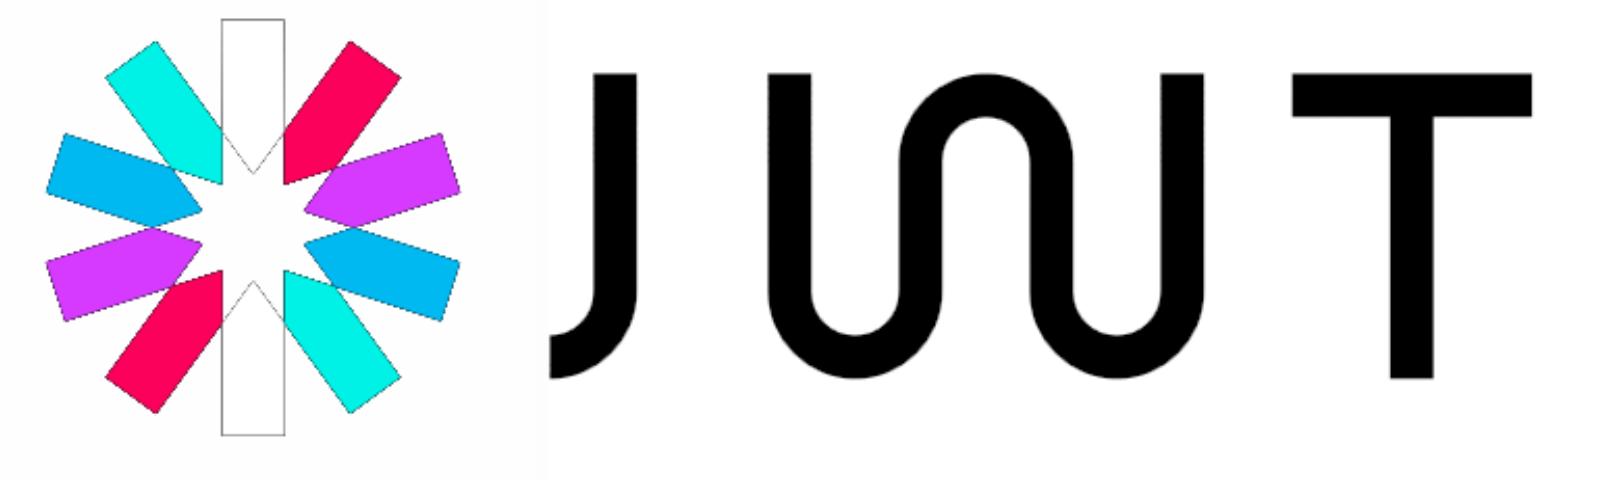 Thực hiện xác thực (authentication) với JWT (jsonwebtoken), Node.js và Express.js